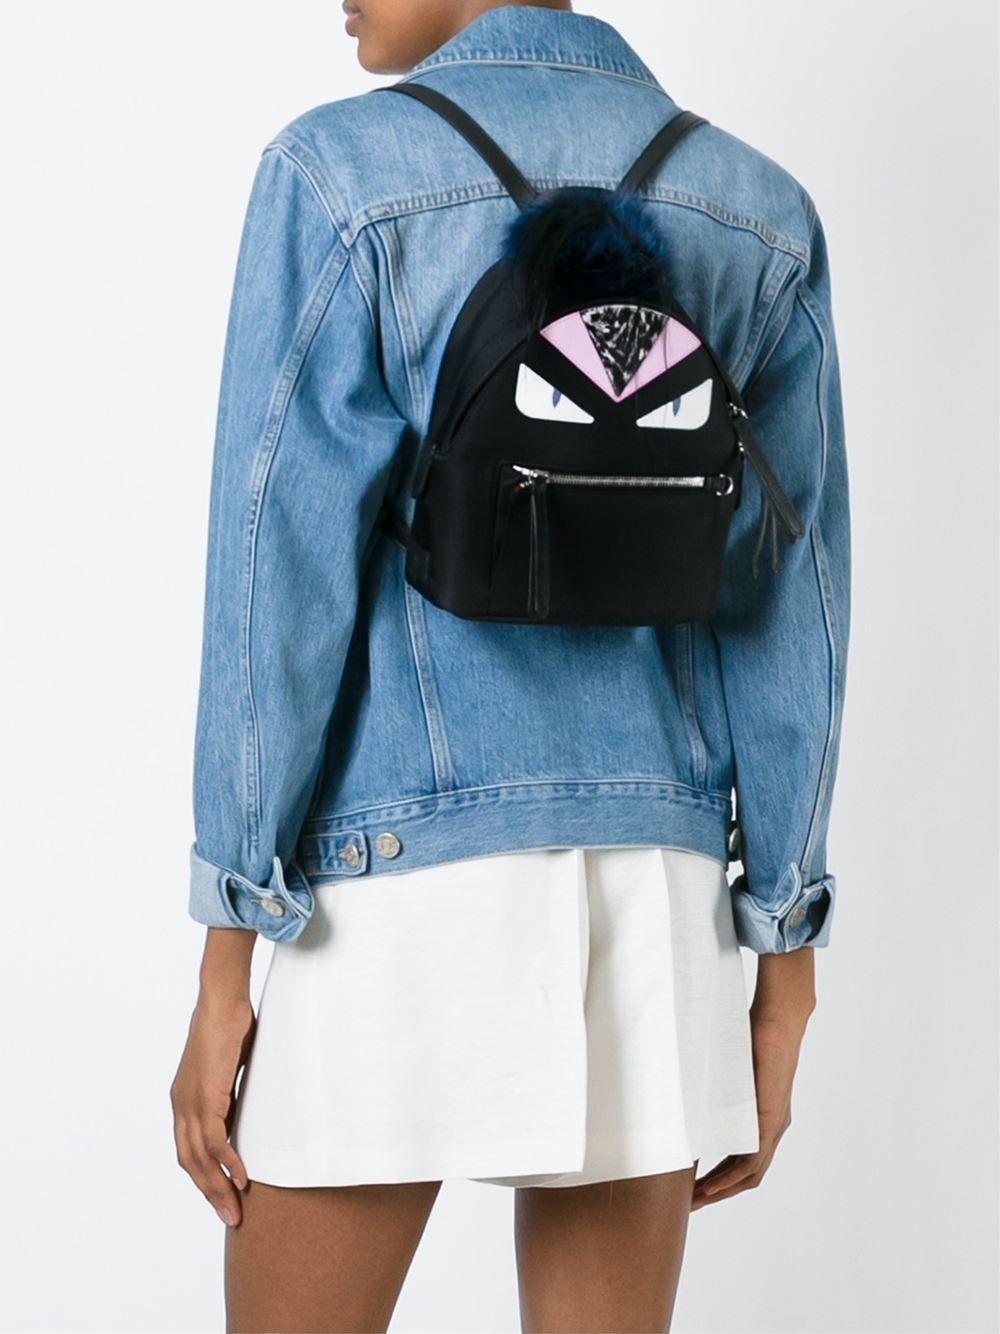 Fendi mini Bag Bugs backpack  feda40ad55809